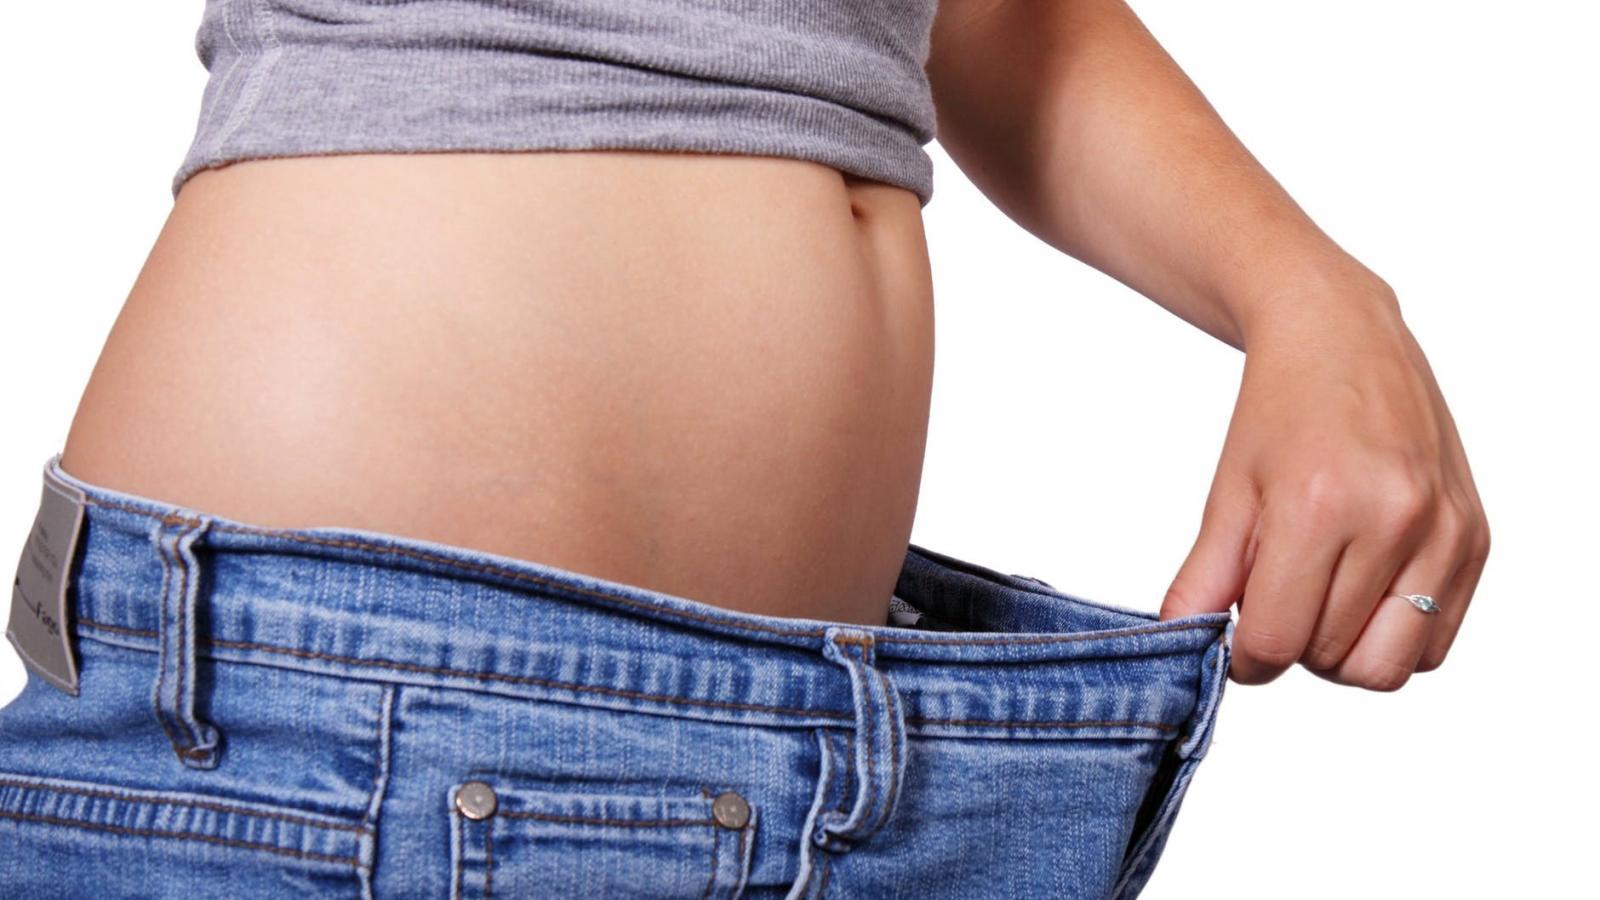 makacs zsírégető Lyle hogyan állíthat be ésszerű súlycsökkentési célokat